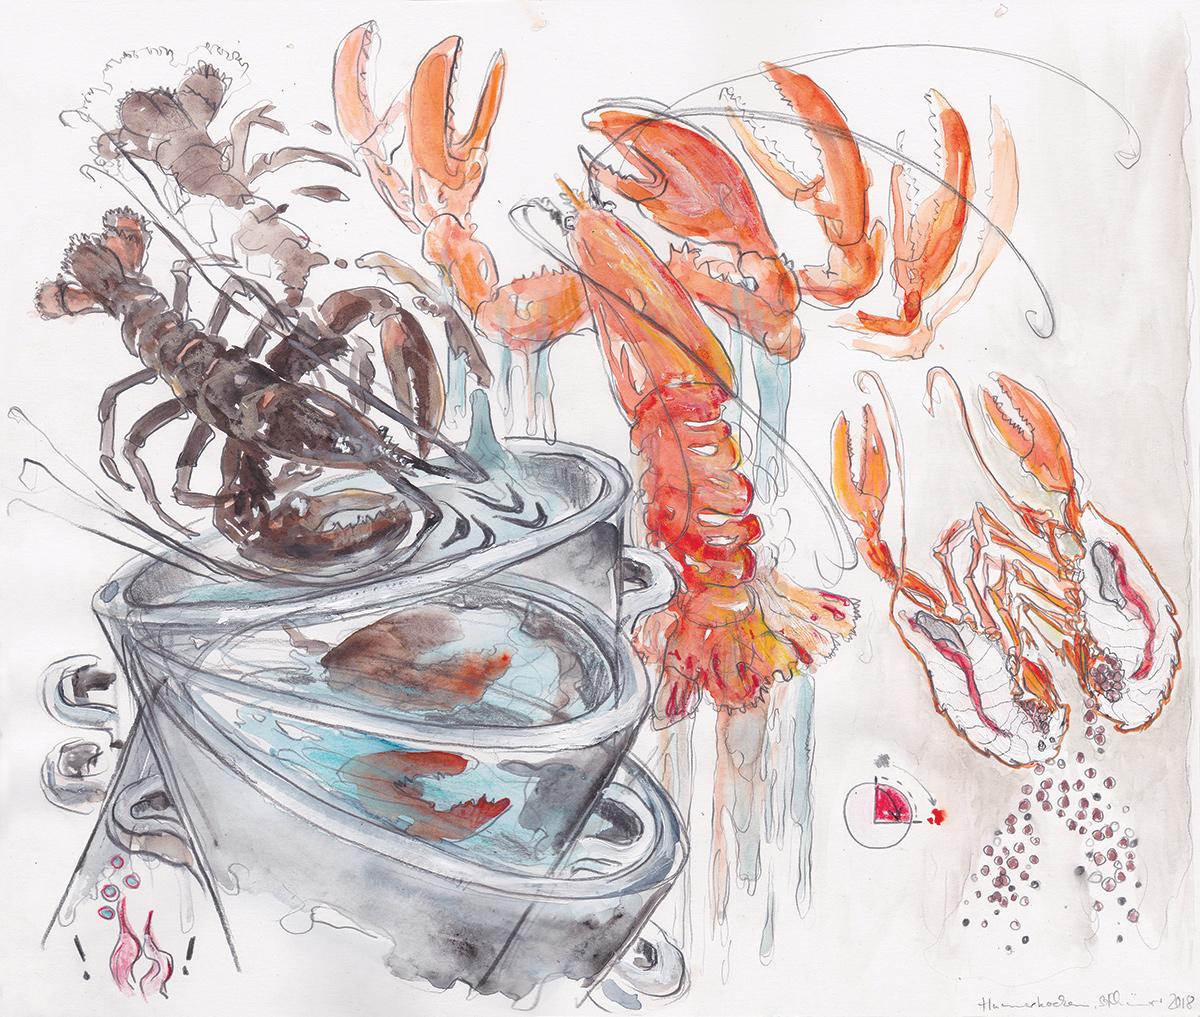 Hummerkochen, 2018 Aquarellfarbe, Acrylweiß, Buntstift und Bleistift auf Papier 29,7 cm x 35 cm